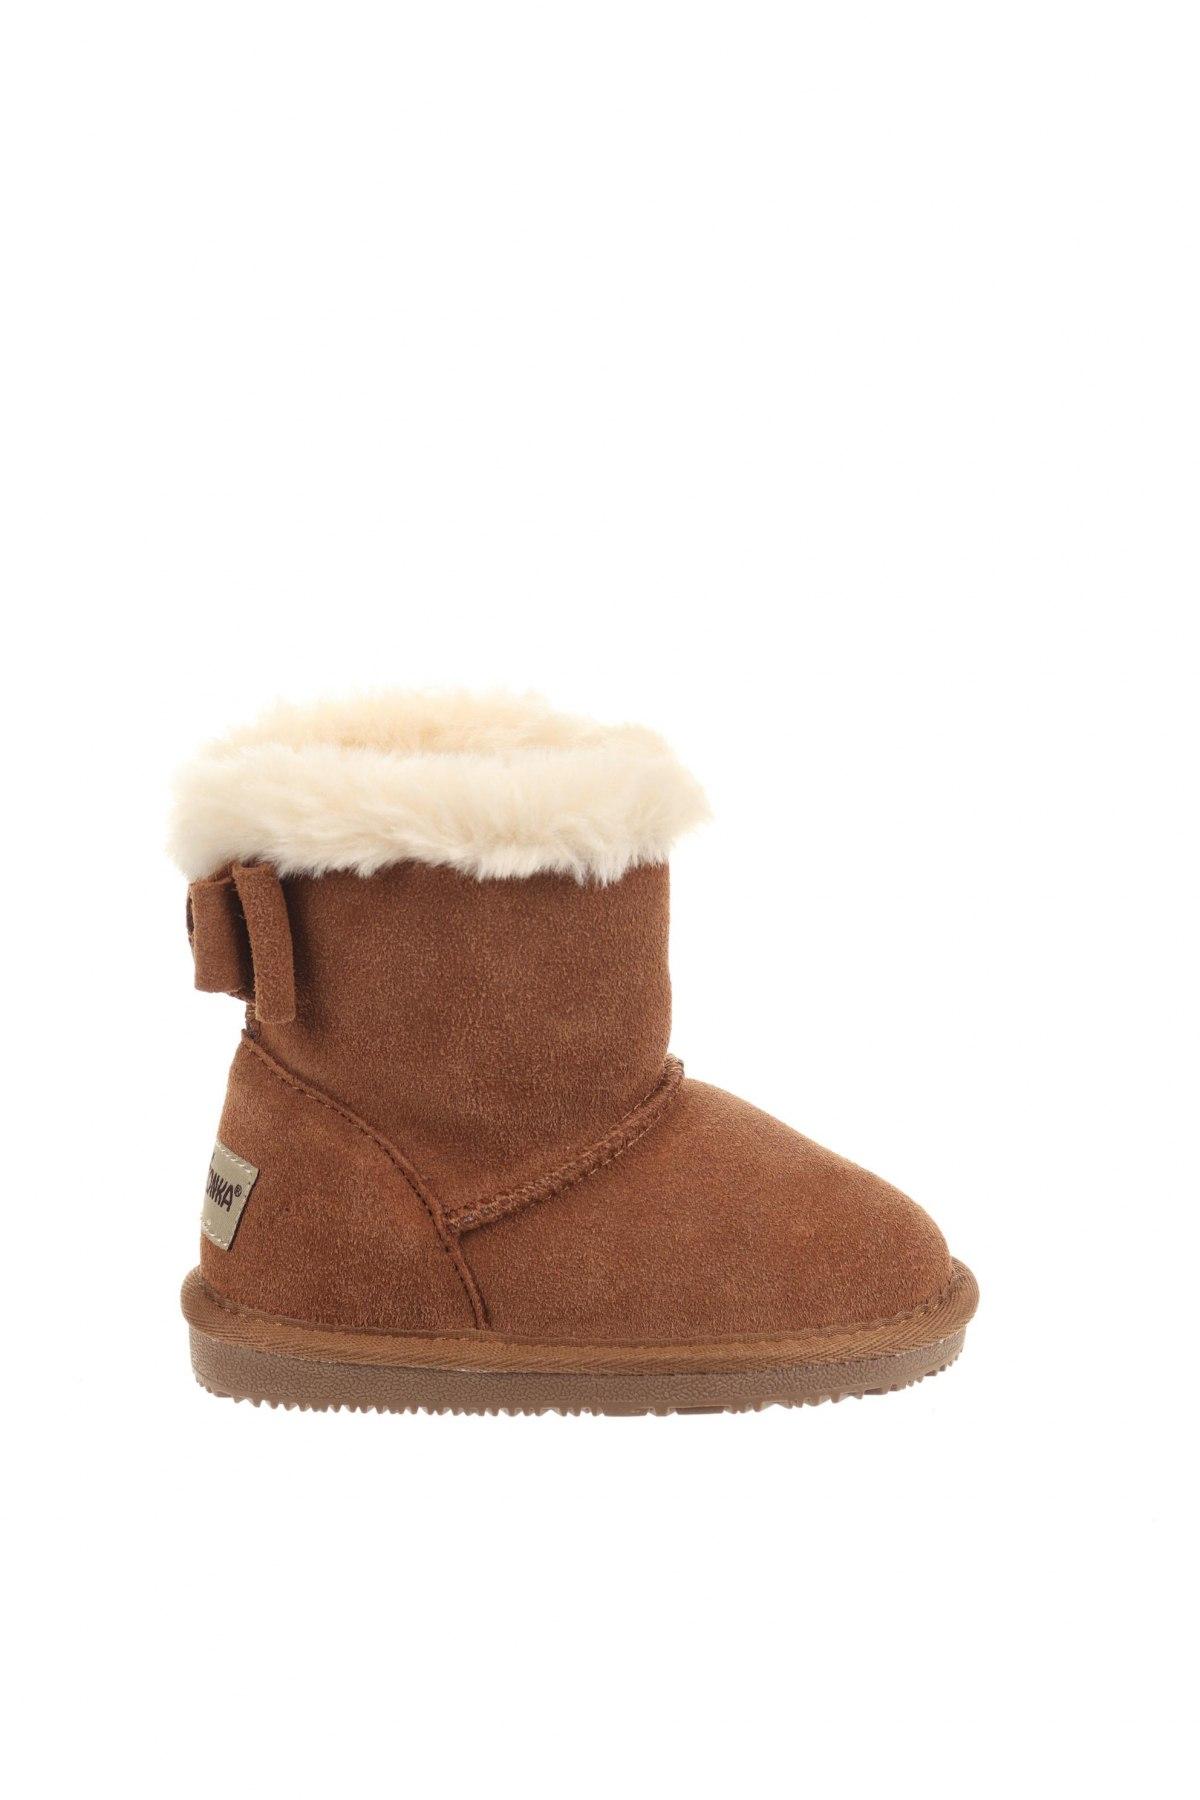 Παιδικά παπούτσια Minnetonka, Μέγεθος 24, Χρώμα Καφέ, Φυσικό σουέτ, Τιμή 37,97€